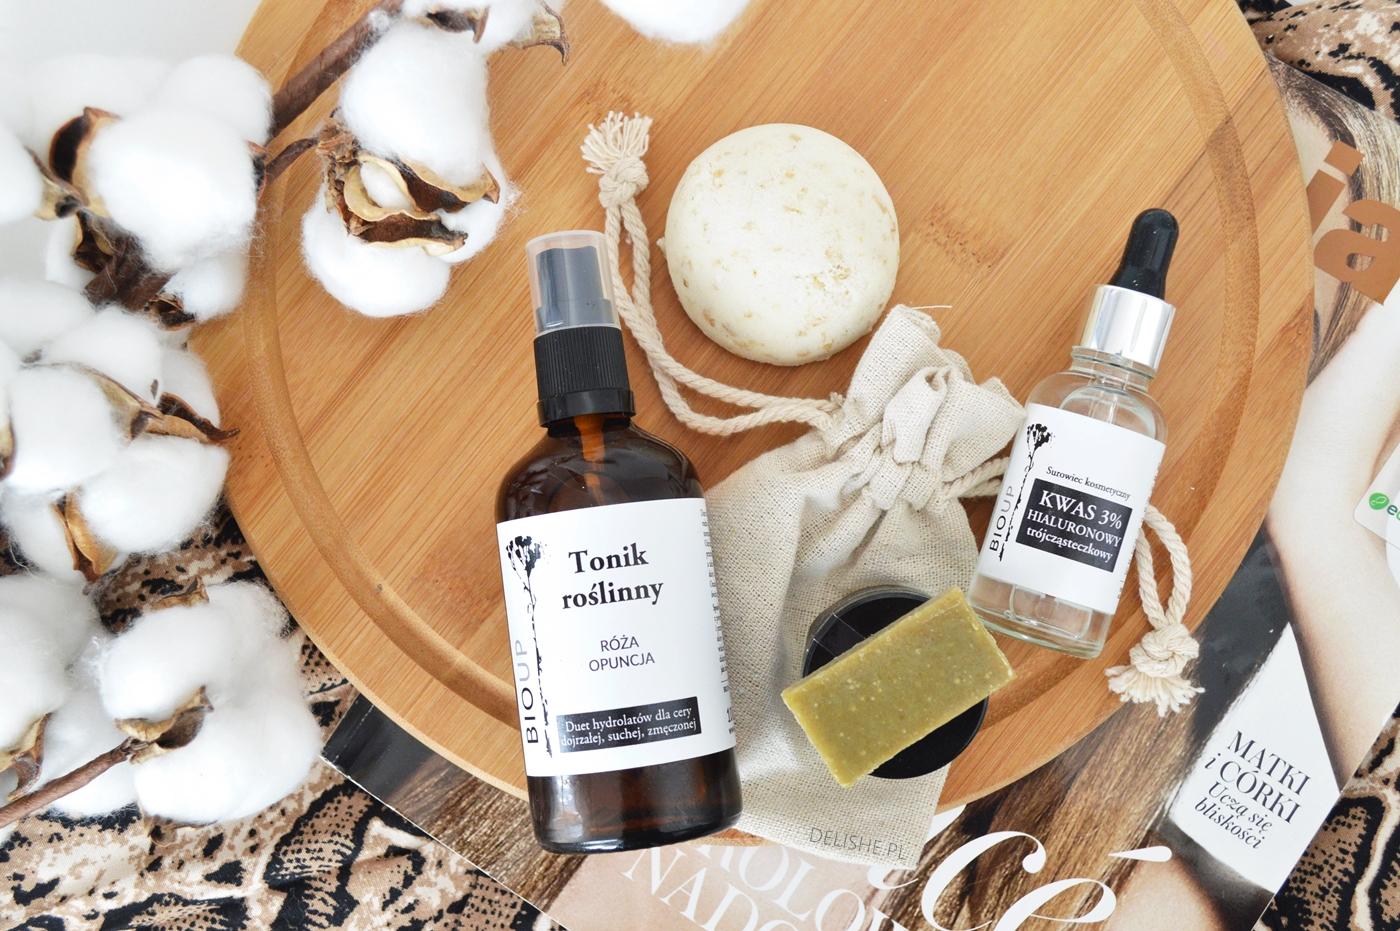 ekocuda zakupy - kosmetyki naturalne